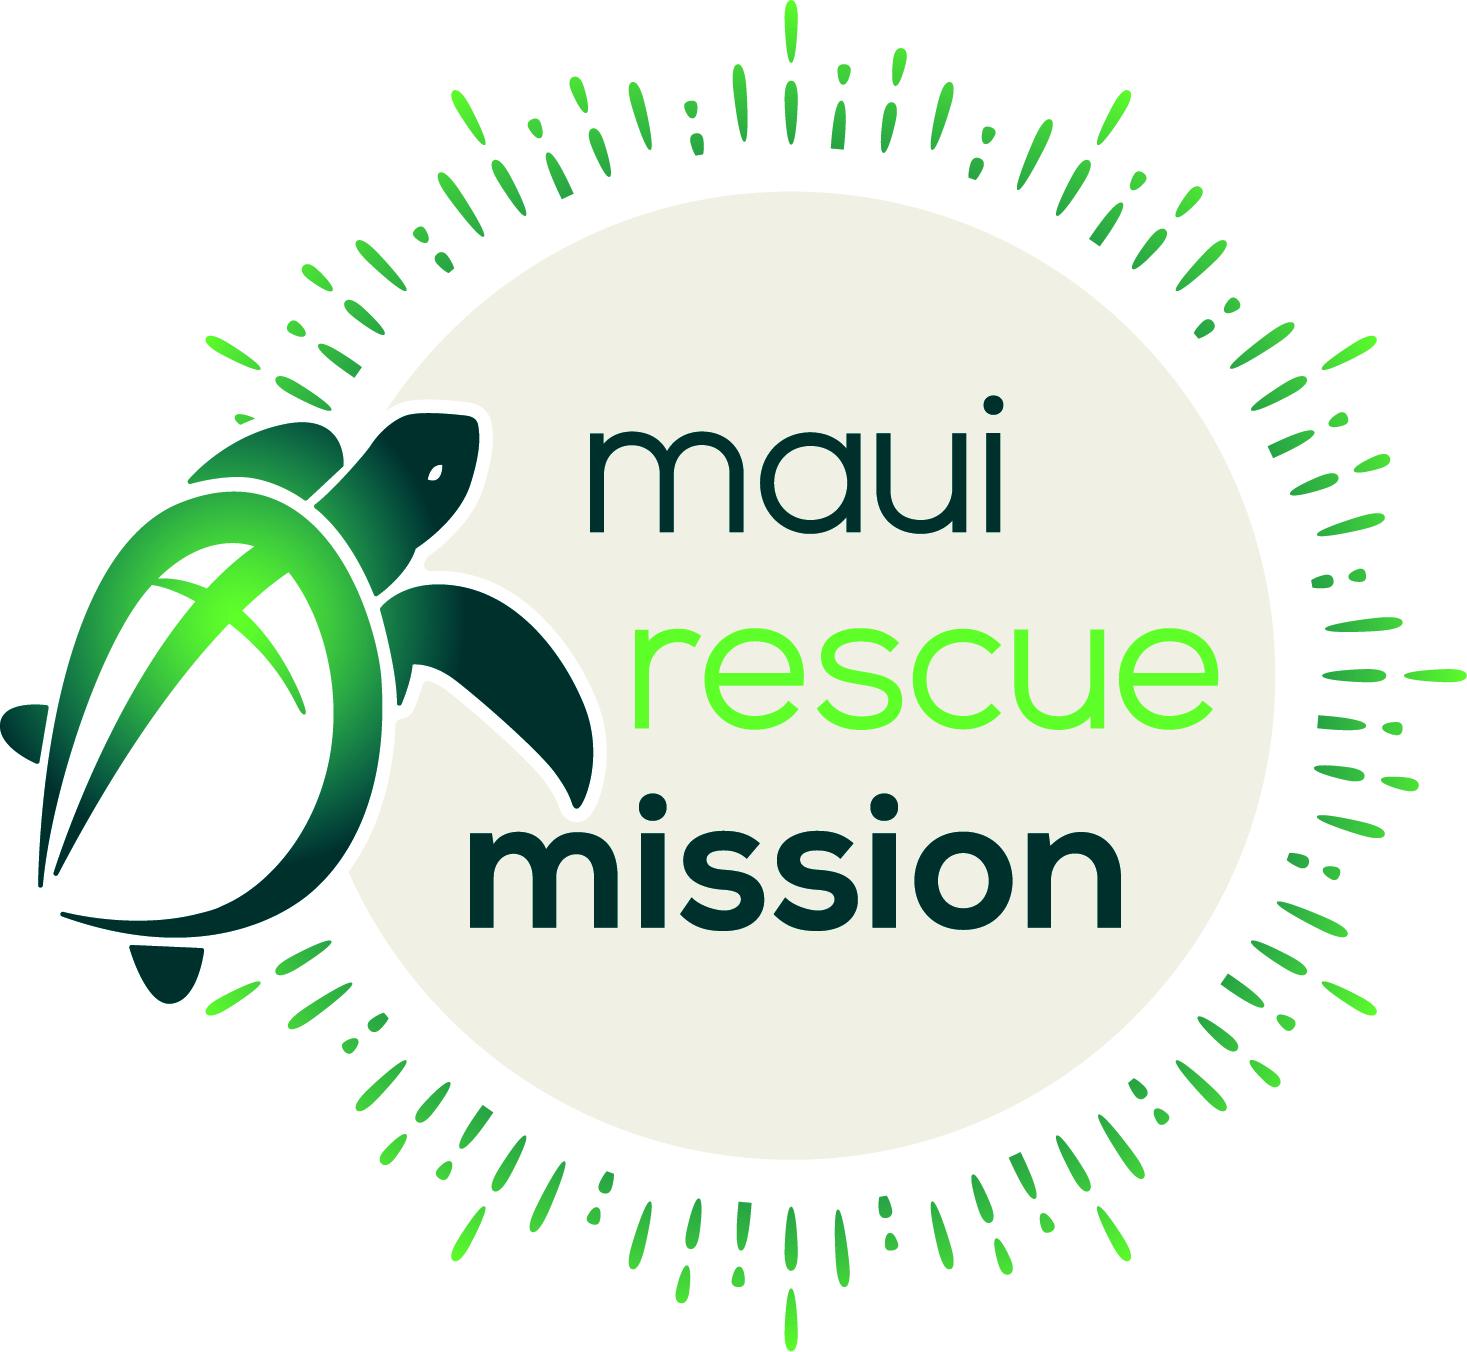 Maui Rescue Mission